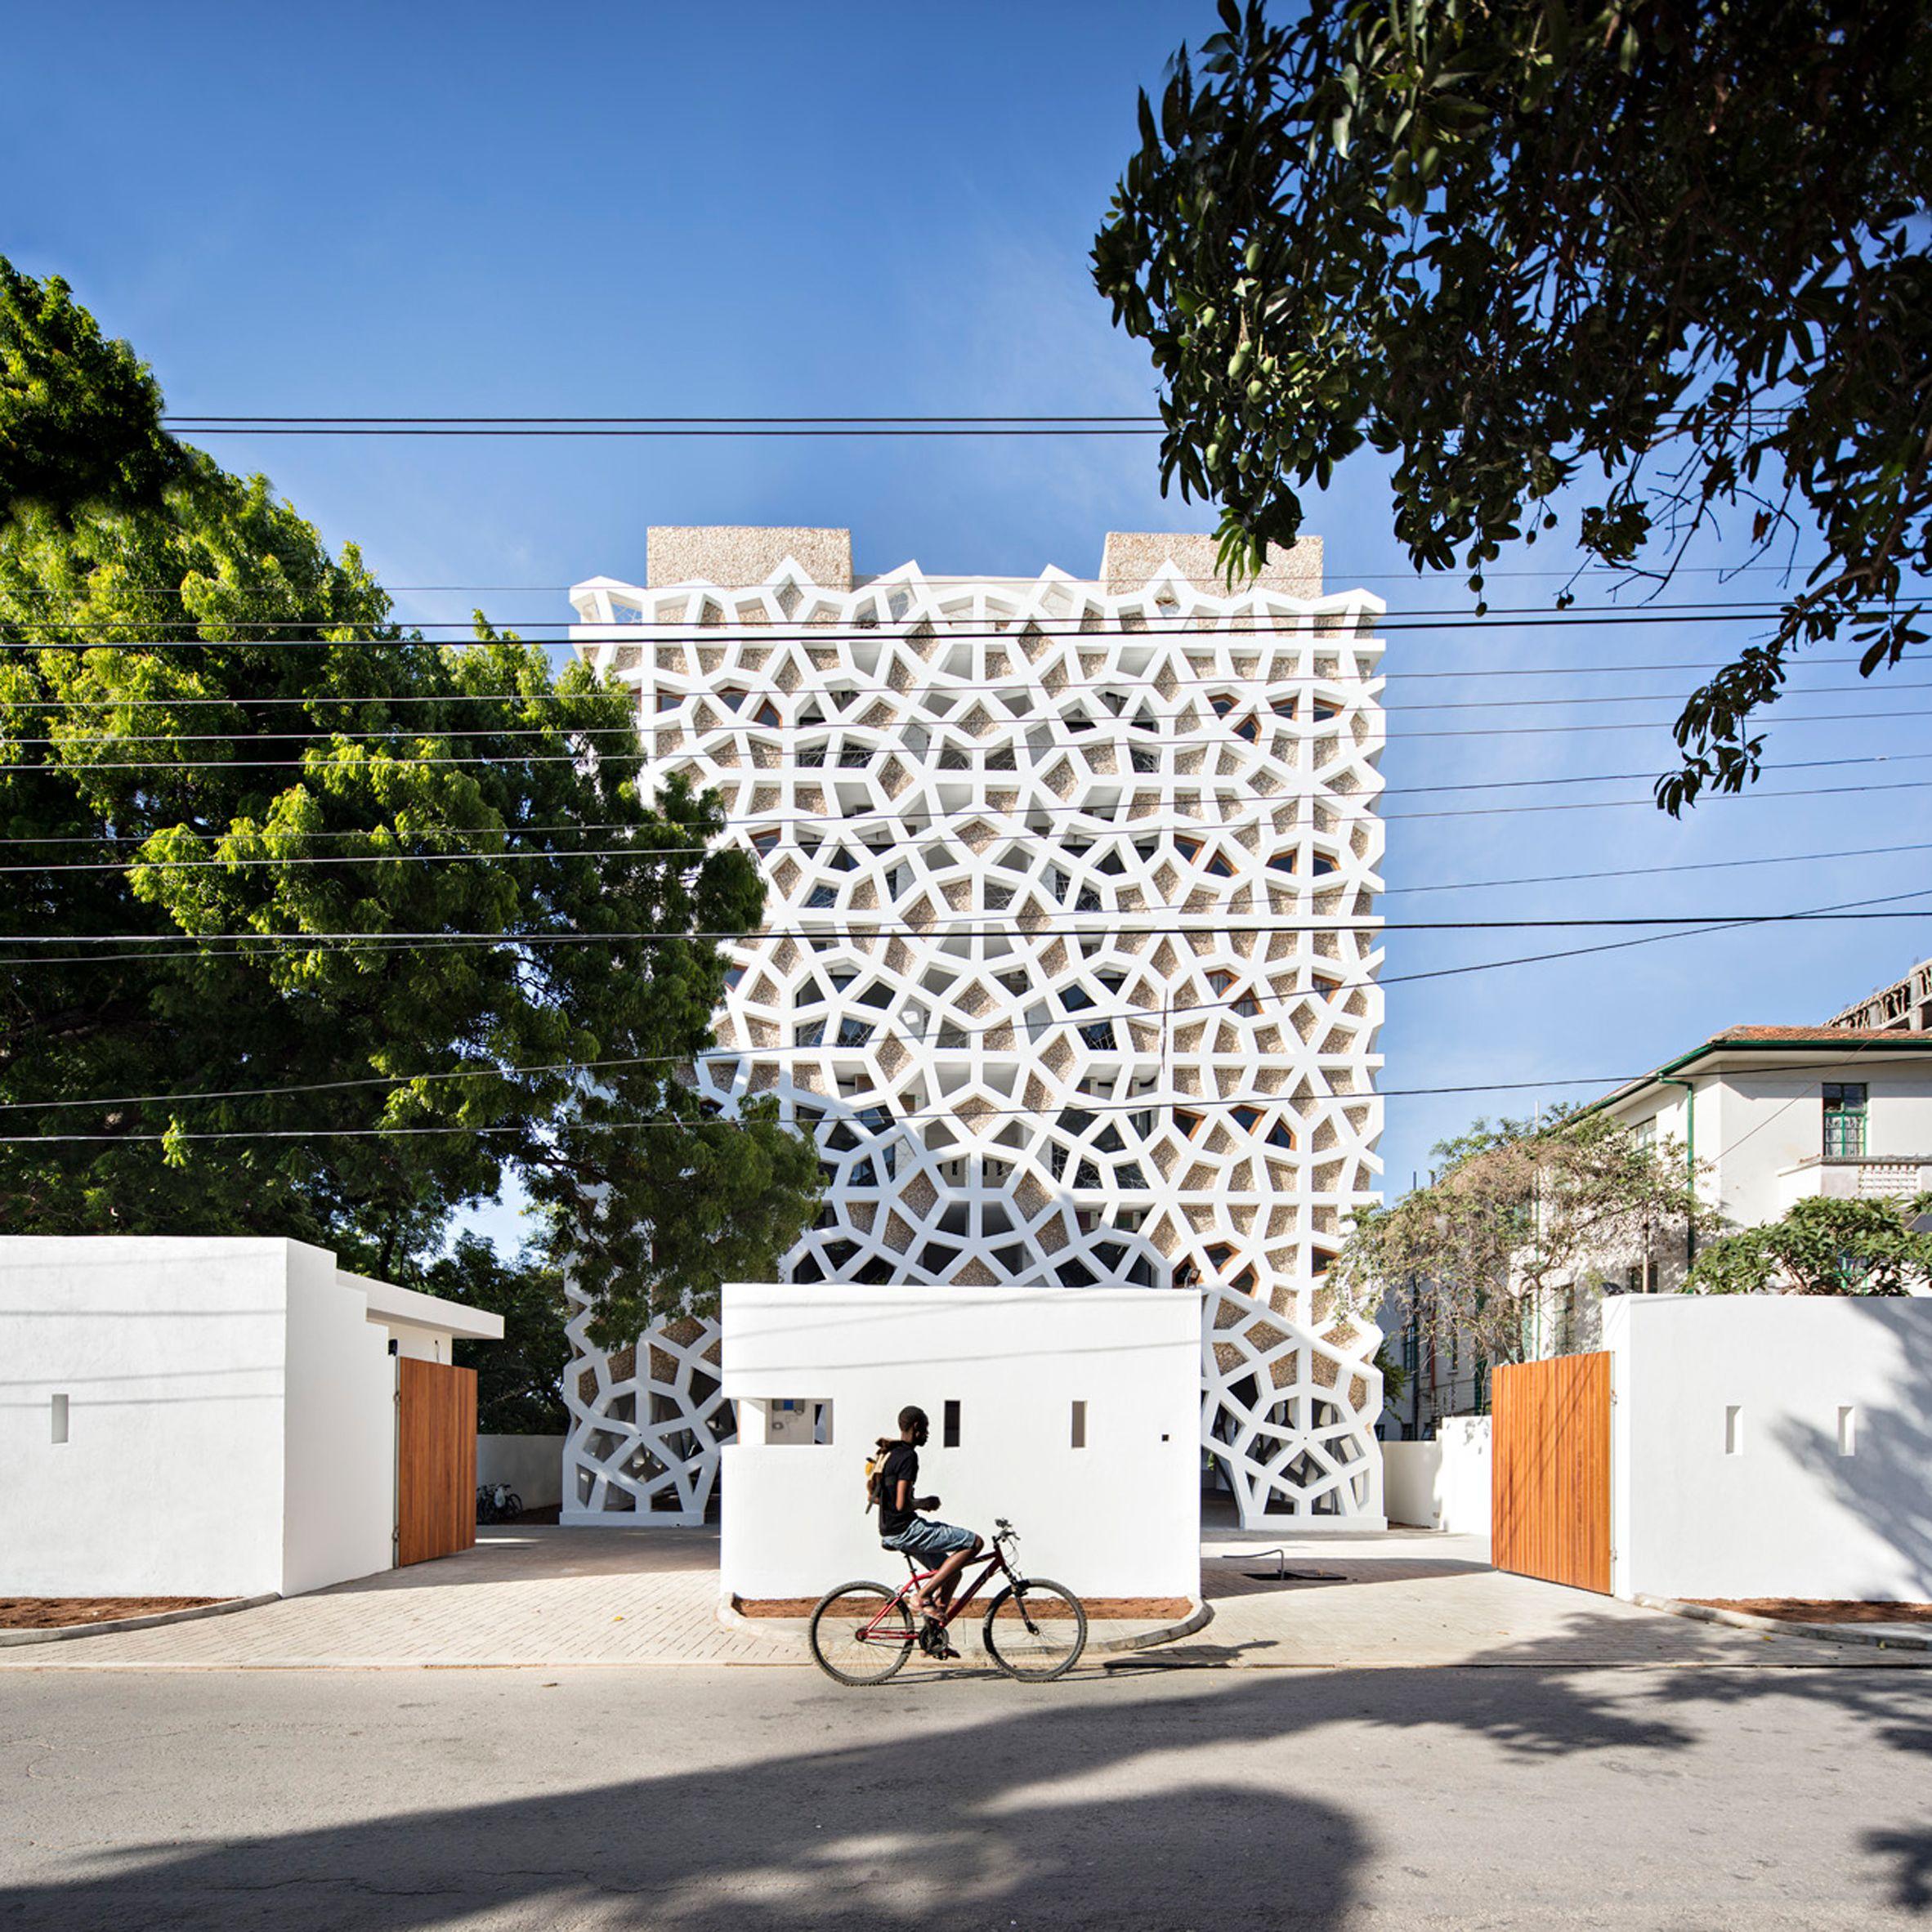 White mashrabiya-style screens cover this apartment block in Mombasa ...